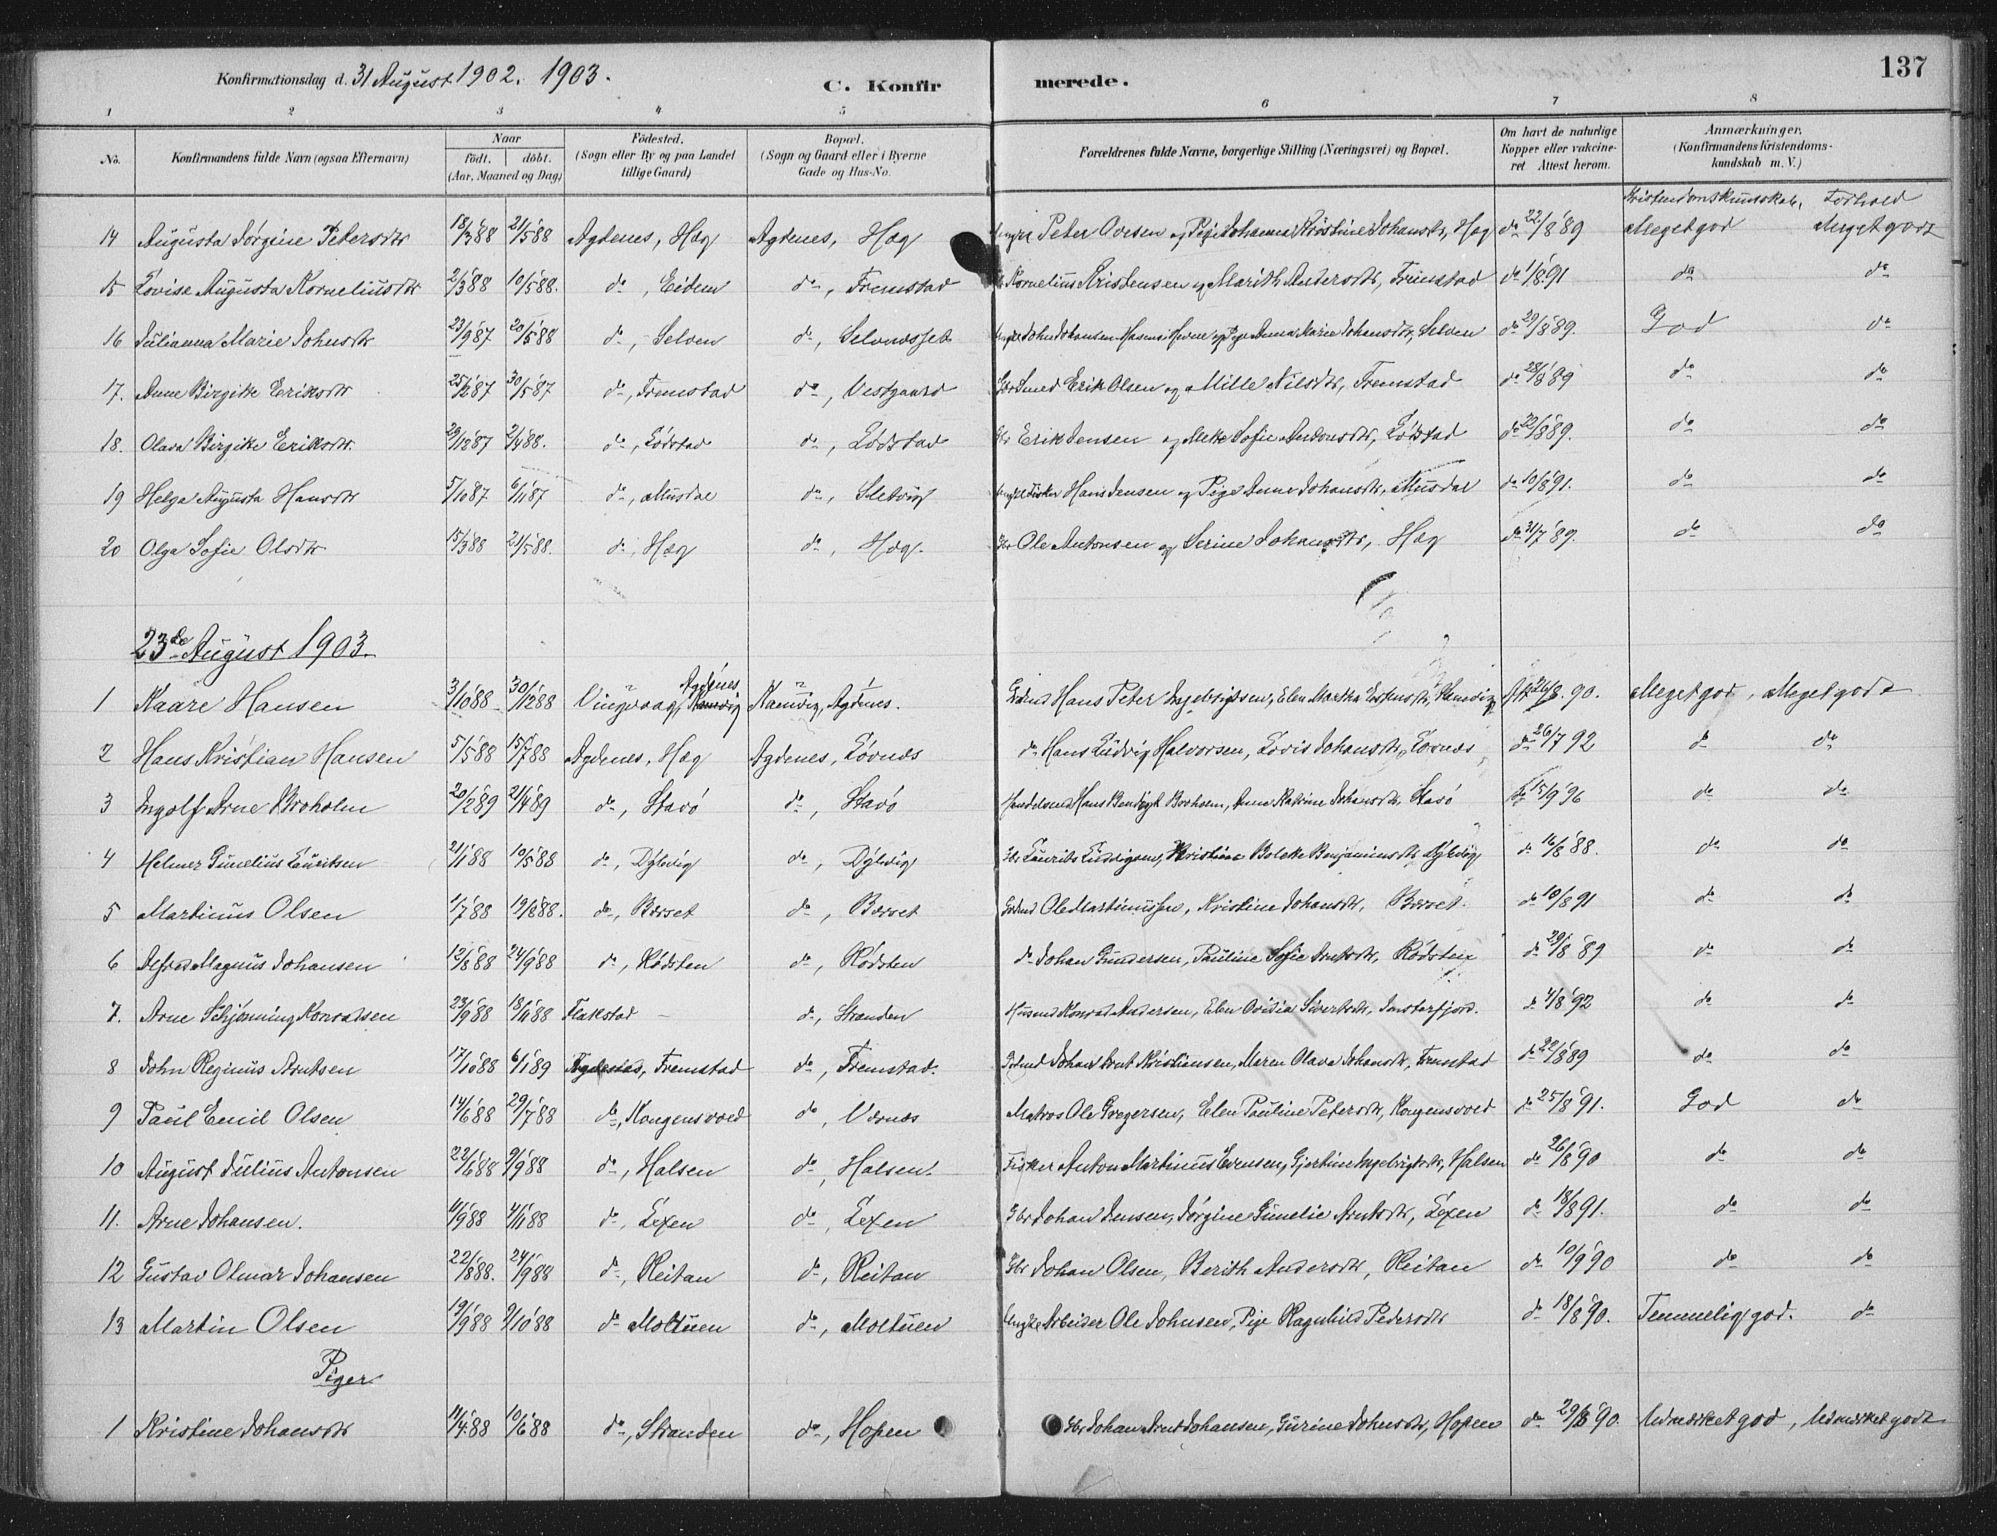 SAT, Ministerialprotokoller, klokkerbøker og fødselsregistre - Sør-Trøndelag, 662/L0755: Ministerialbok nr. 662A01, 1879-1905, s. 137